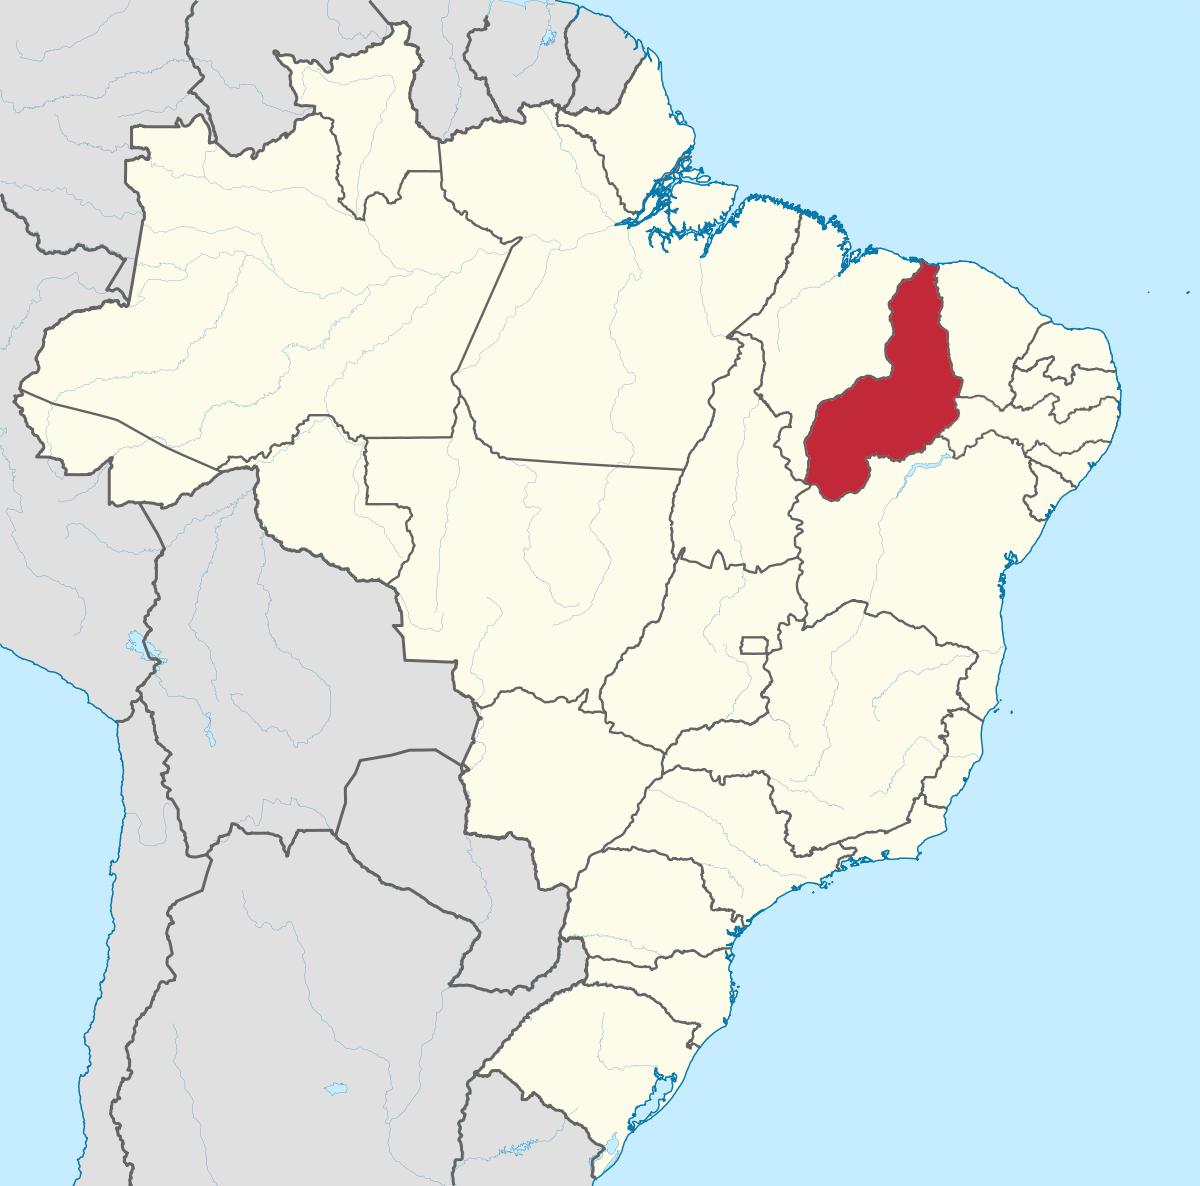 Brazilpiaui.png